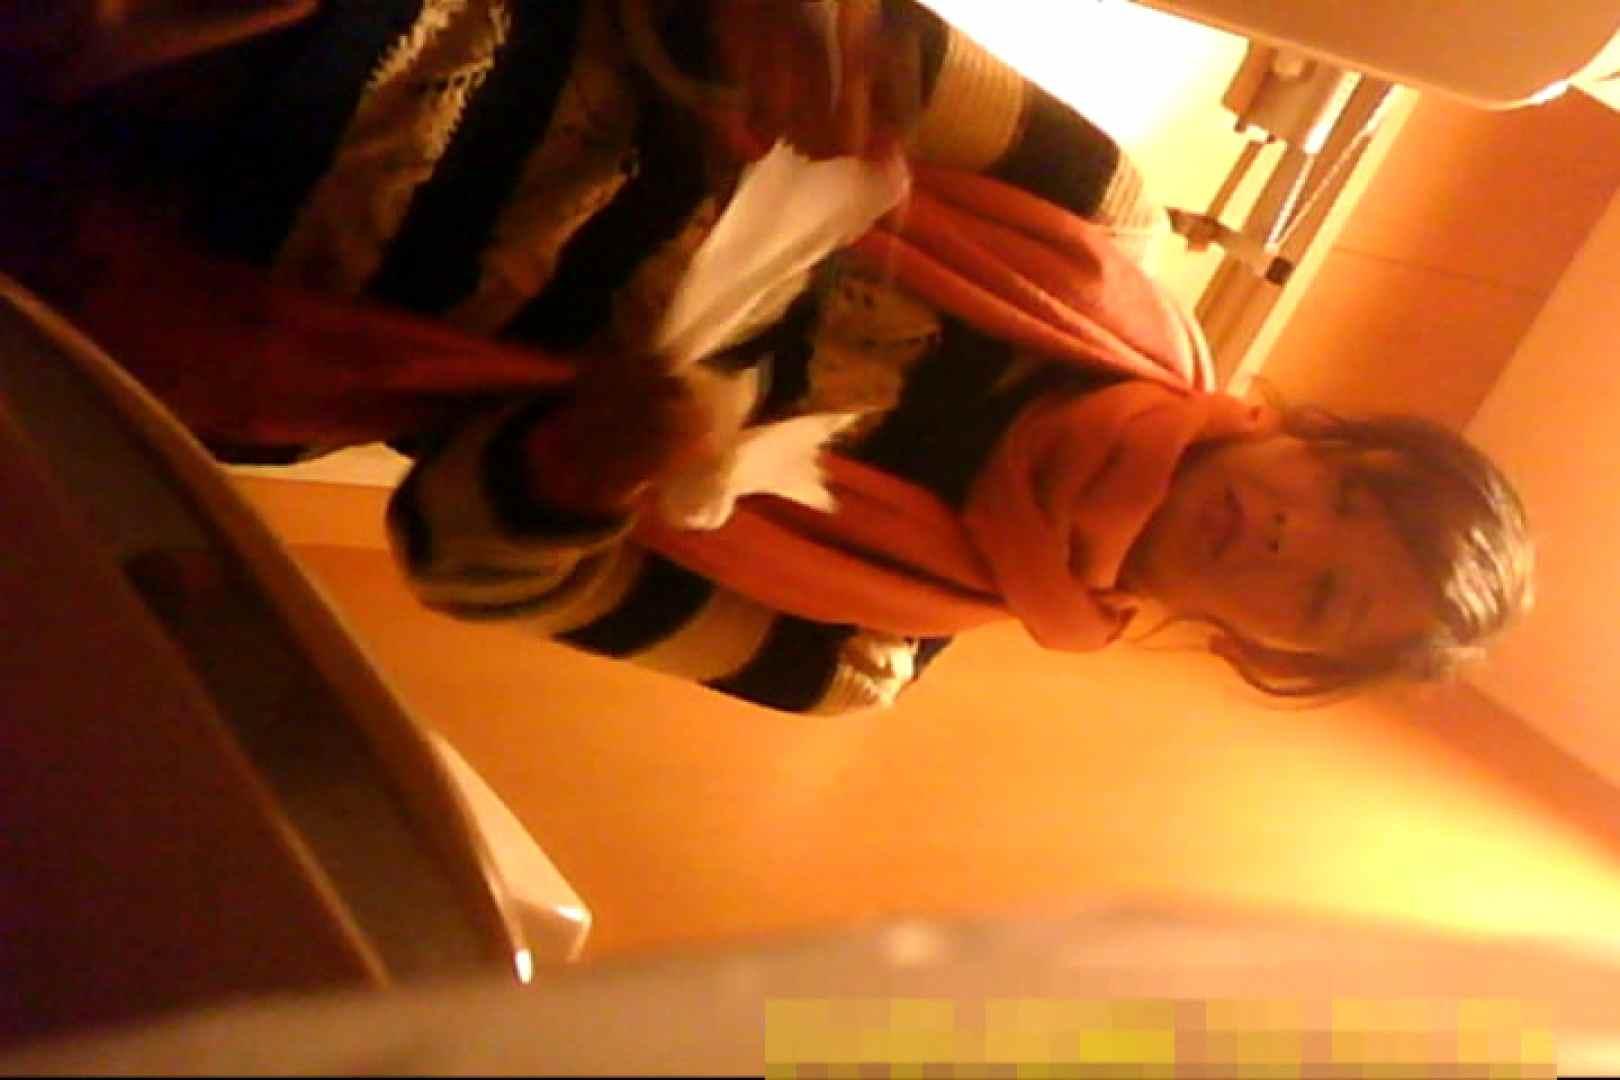 魅惑の化粧室~禁断のプライベート空間~vol.6 お姉さん エロ無料画像 78連発 32